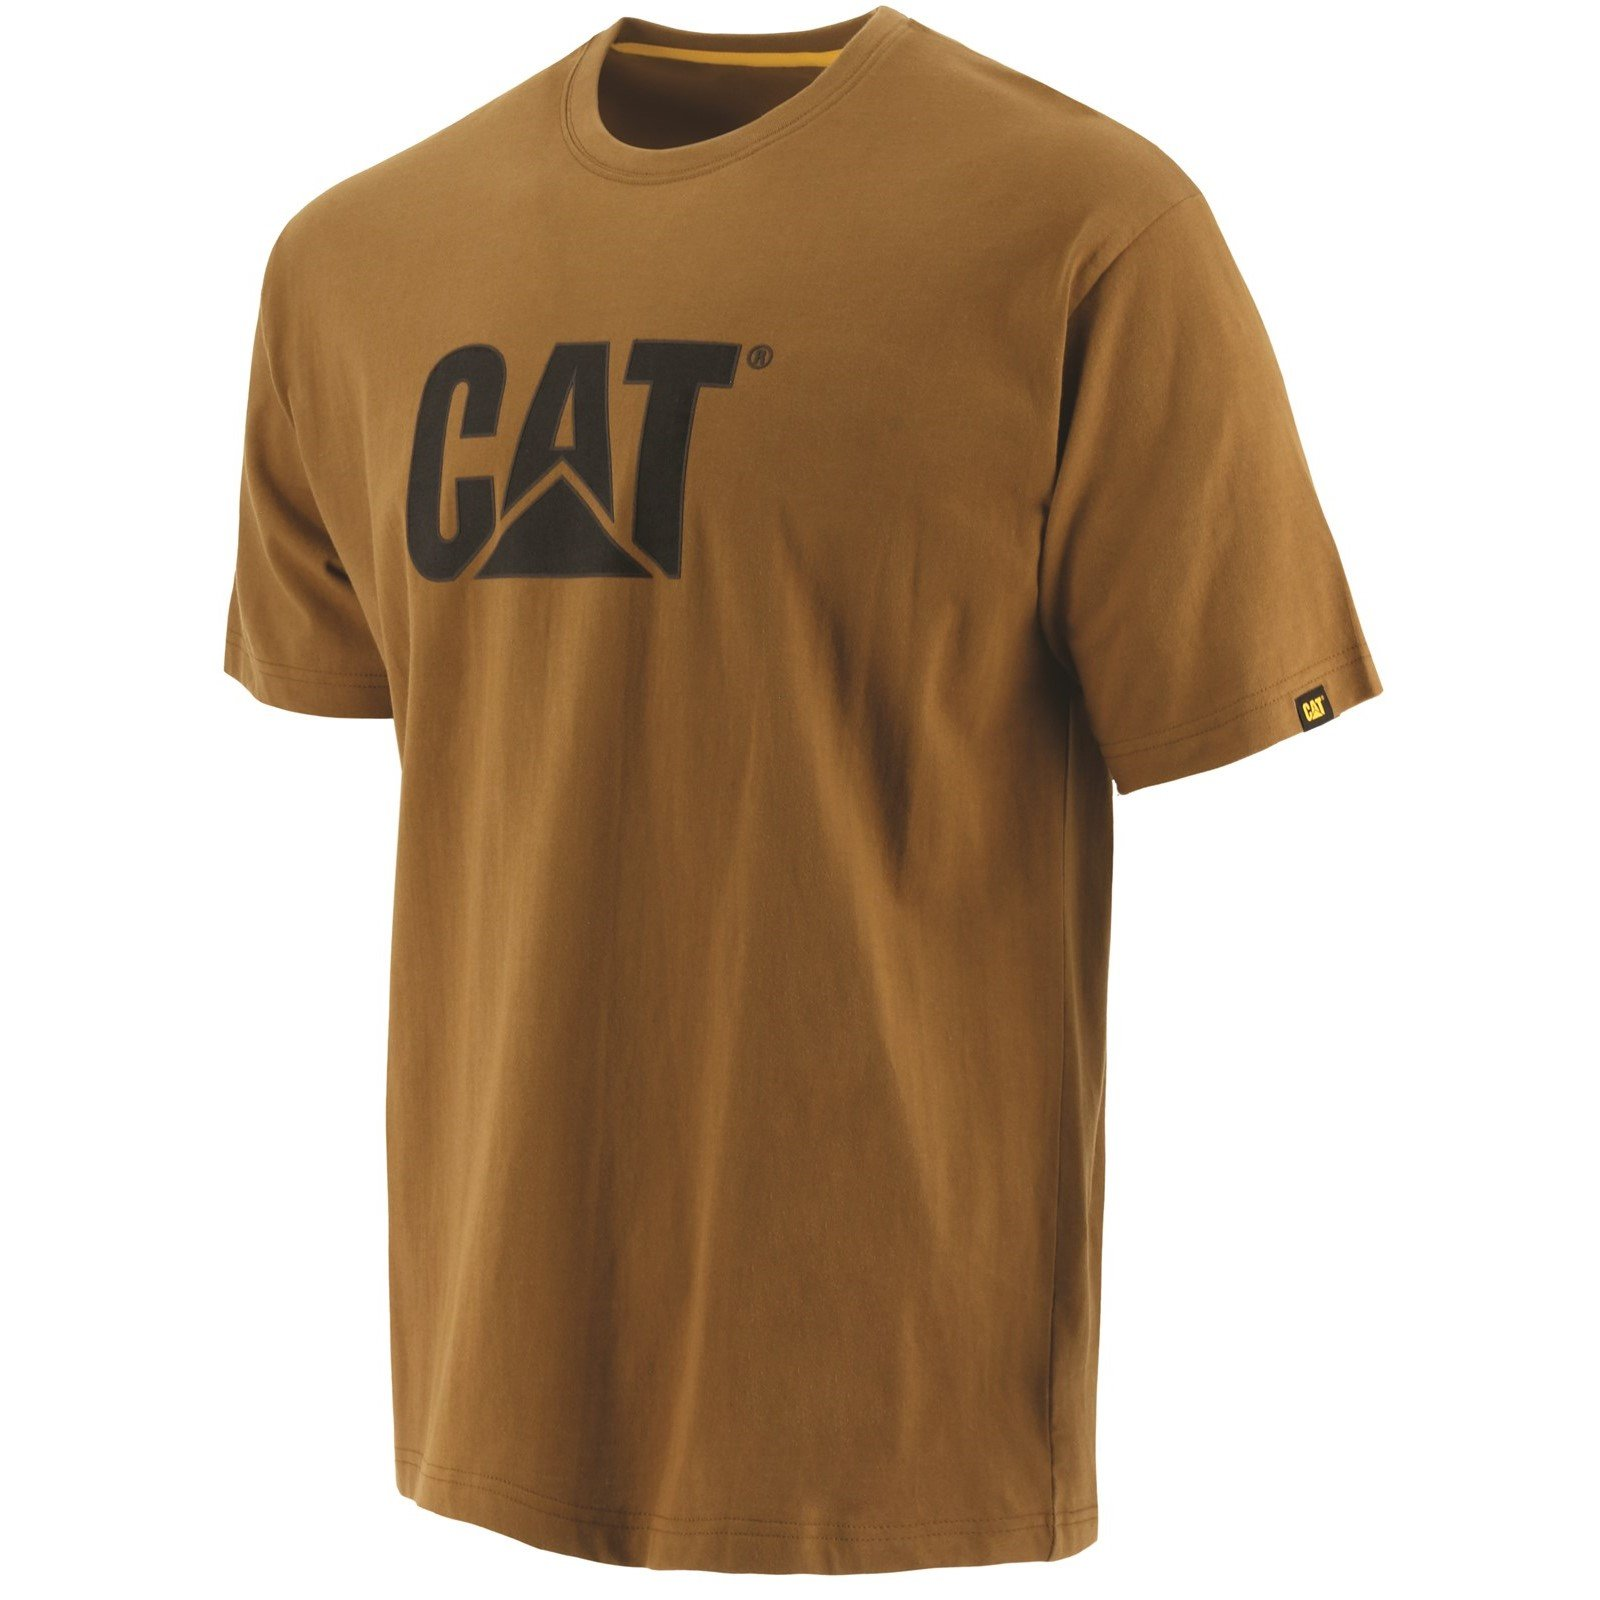 Caterpillar Men's Trademark Logo T-Shirt Various Colours 25301-42086 - Bronze X